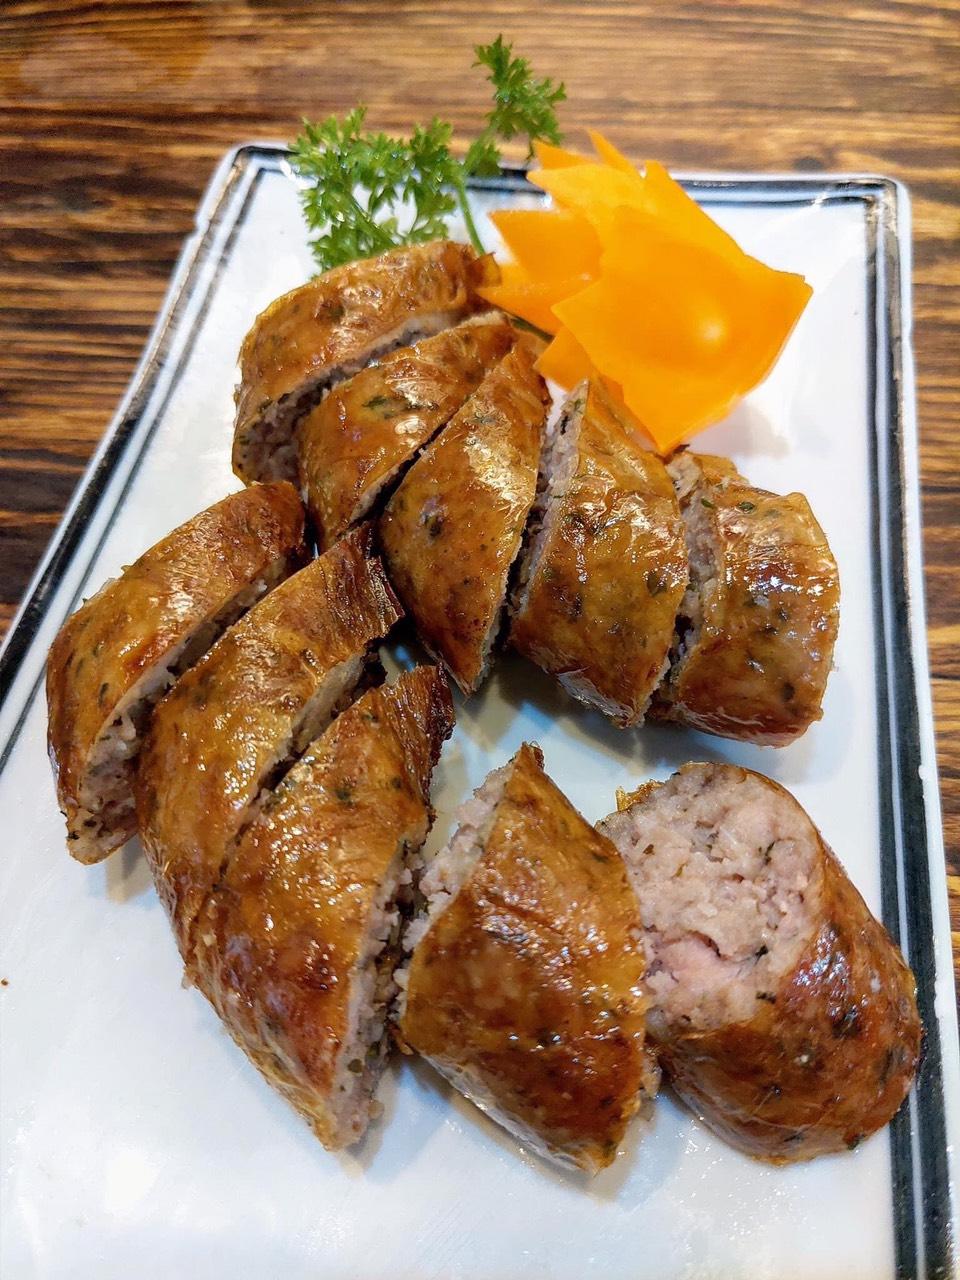 Những món ăn được chế biến bởi các đầu bếp nhiều năm kinh nghiệm